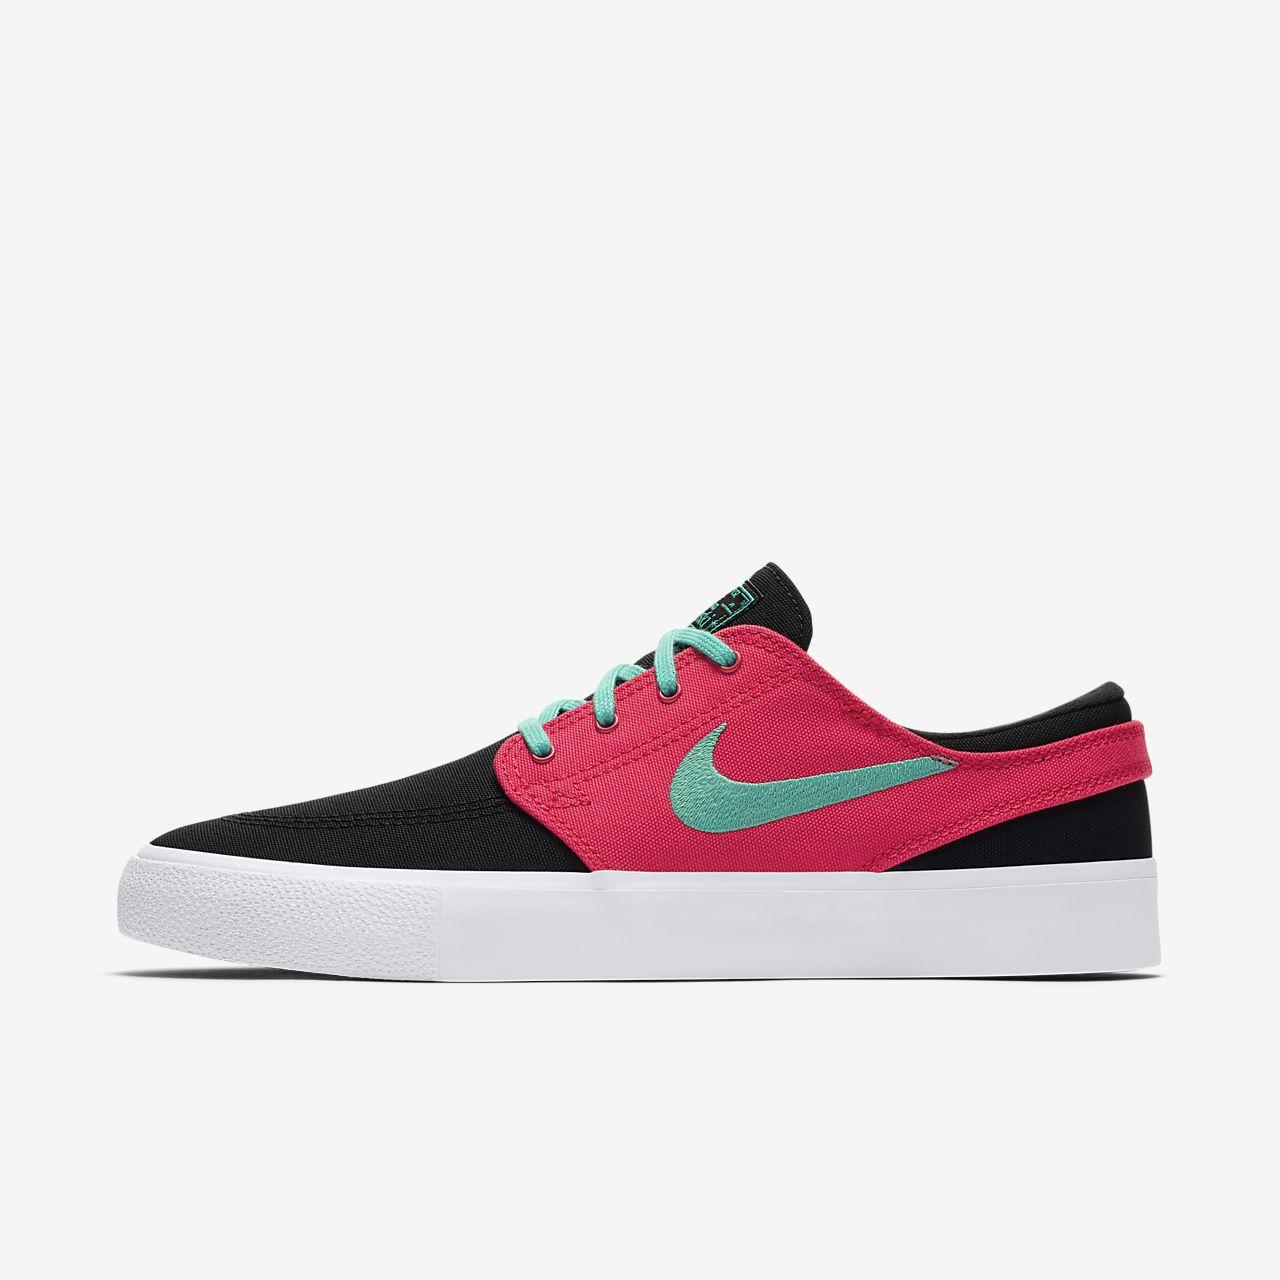 Scarpa da skateboard Nike SB Zoom Stefan Janoski Canvas RM